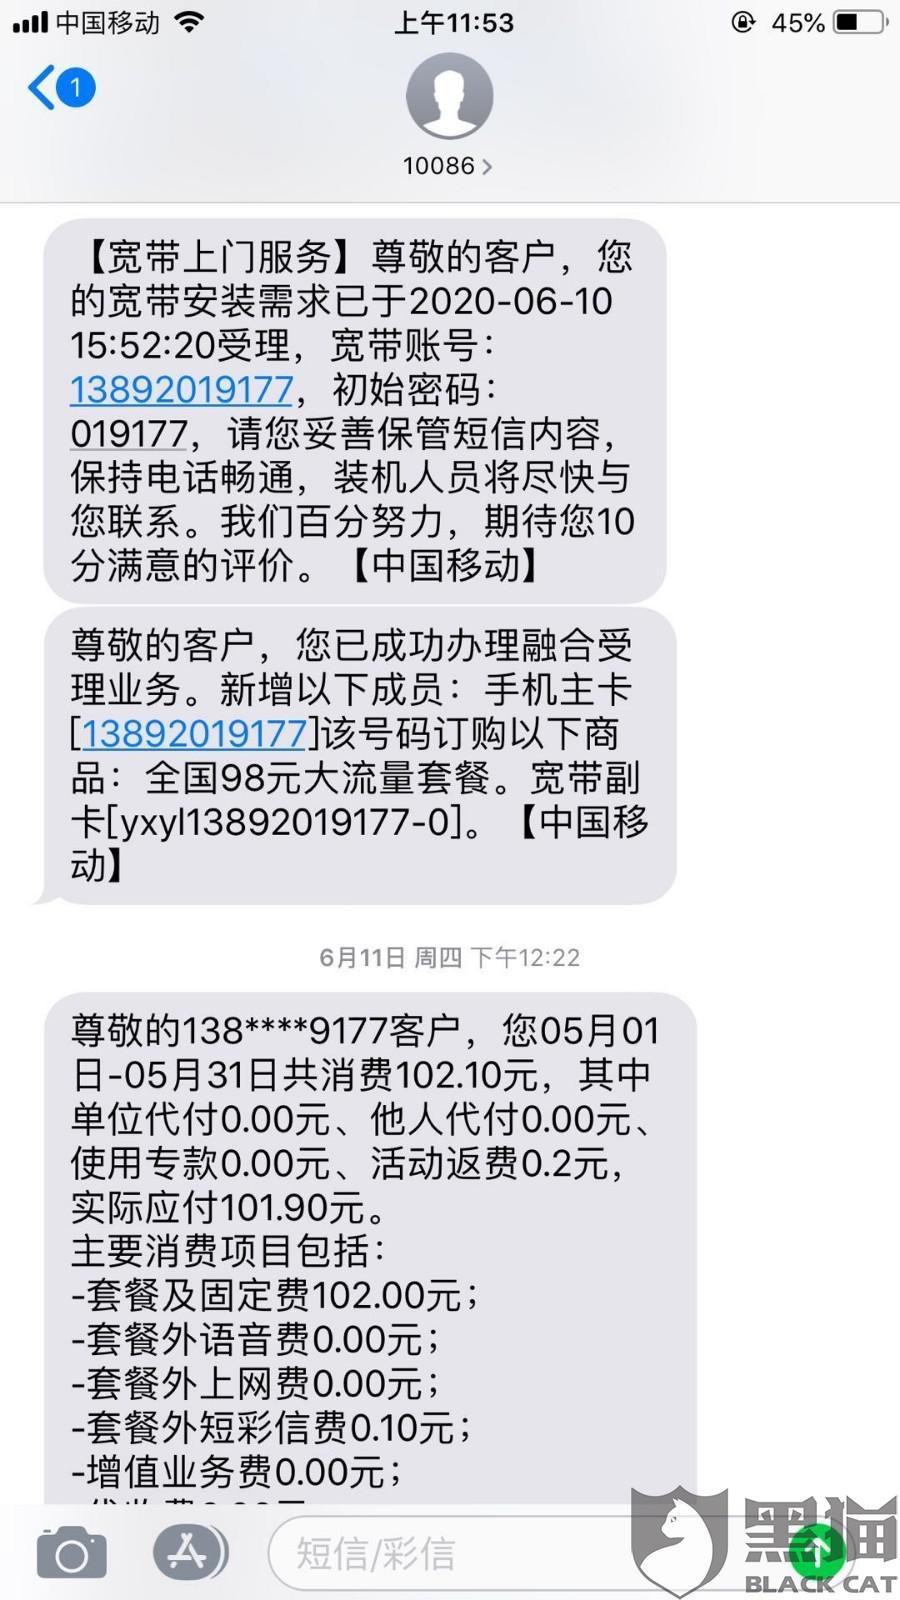 中国移动宽带投诉问题回应:已经上报